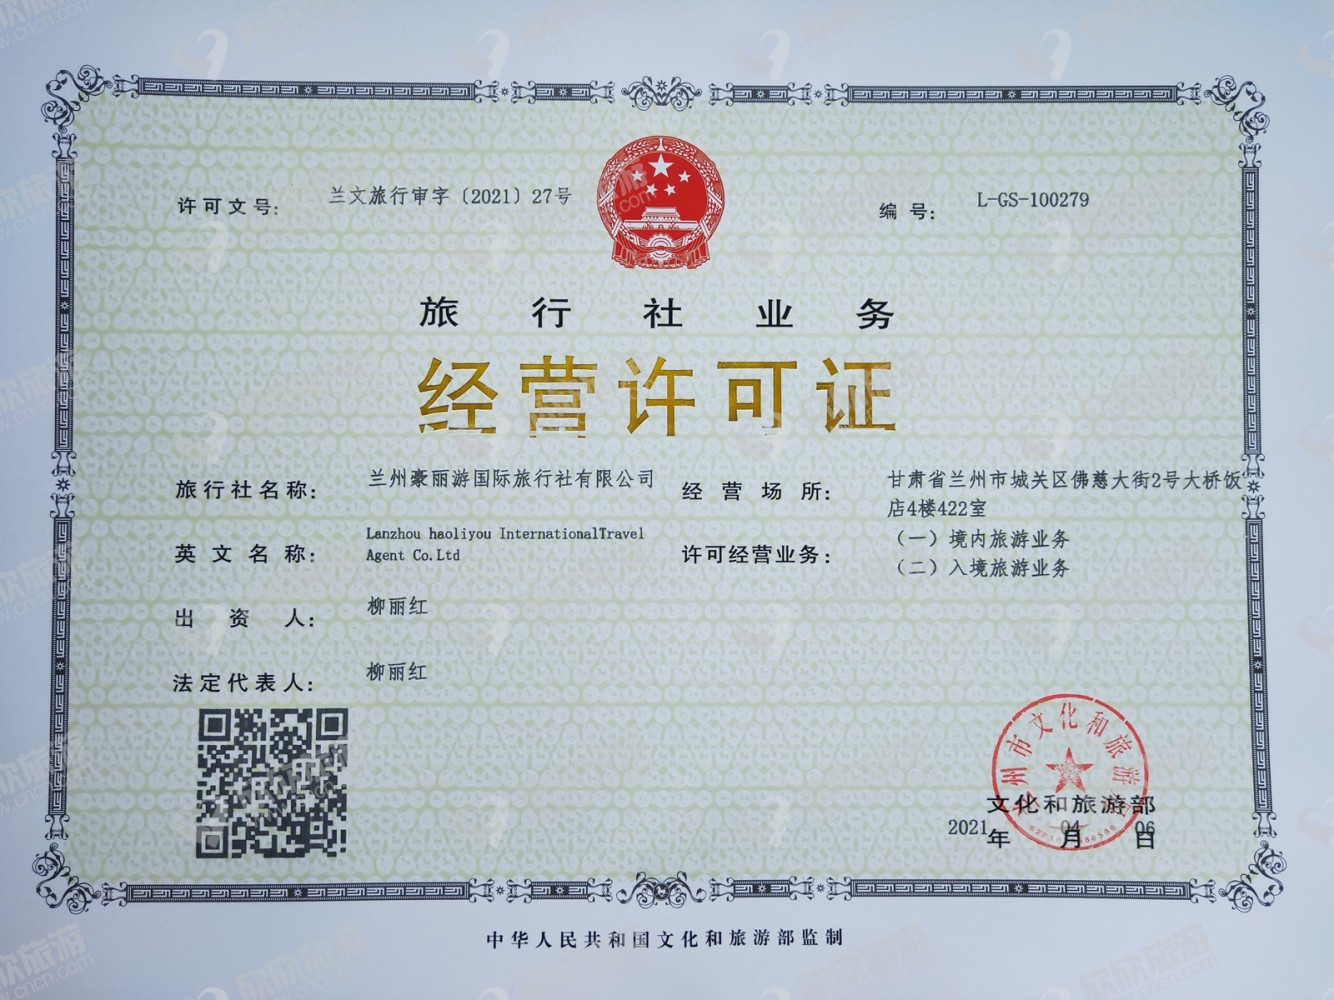 兰州豪丽游国际旅行社有限公司经营许可证